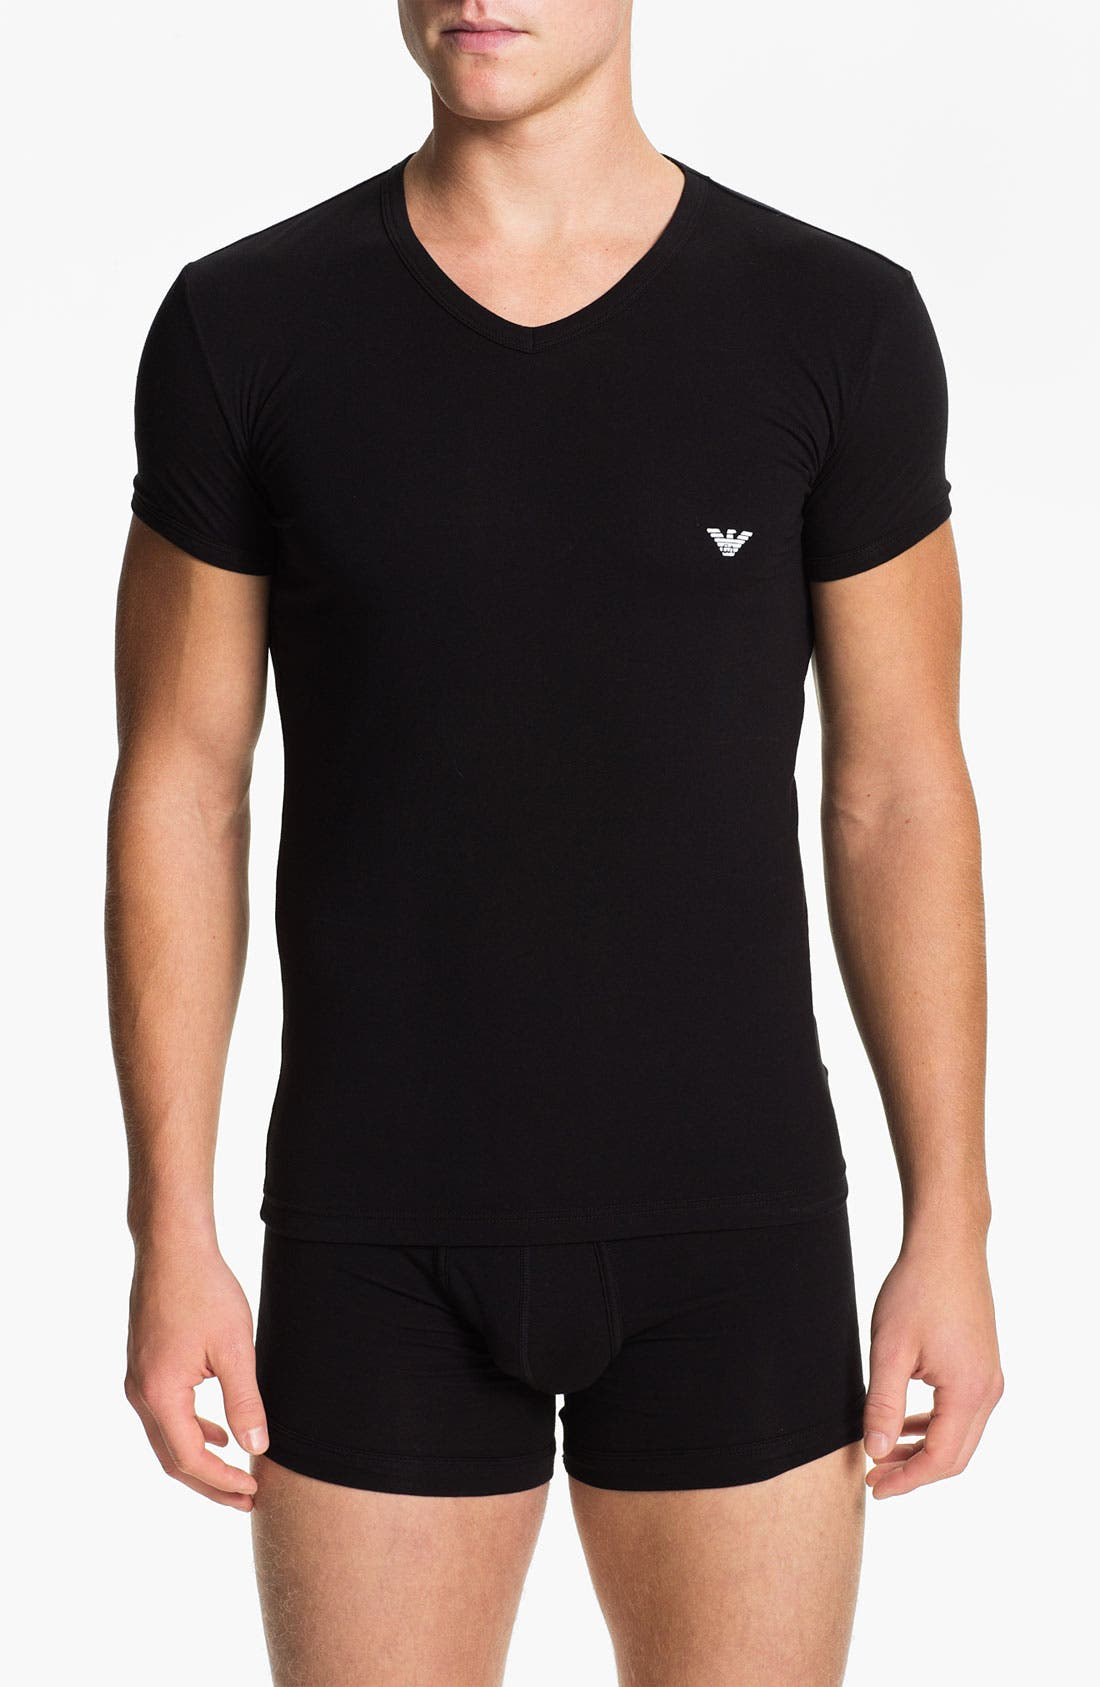 Main Image - Emporio Armani V-Neck Stretch Cotton T-Shirt